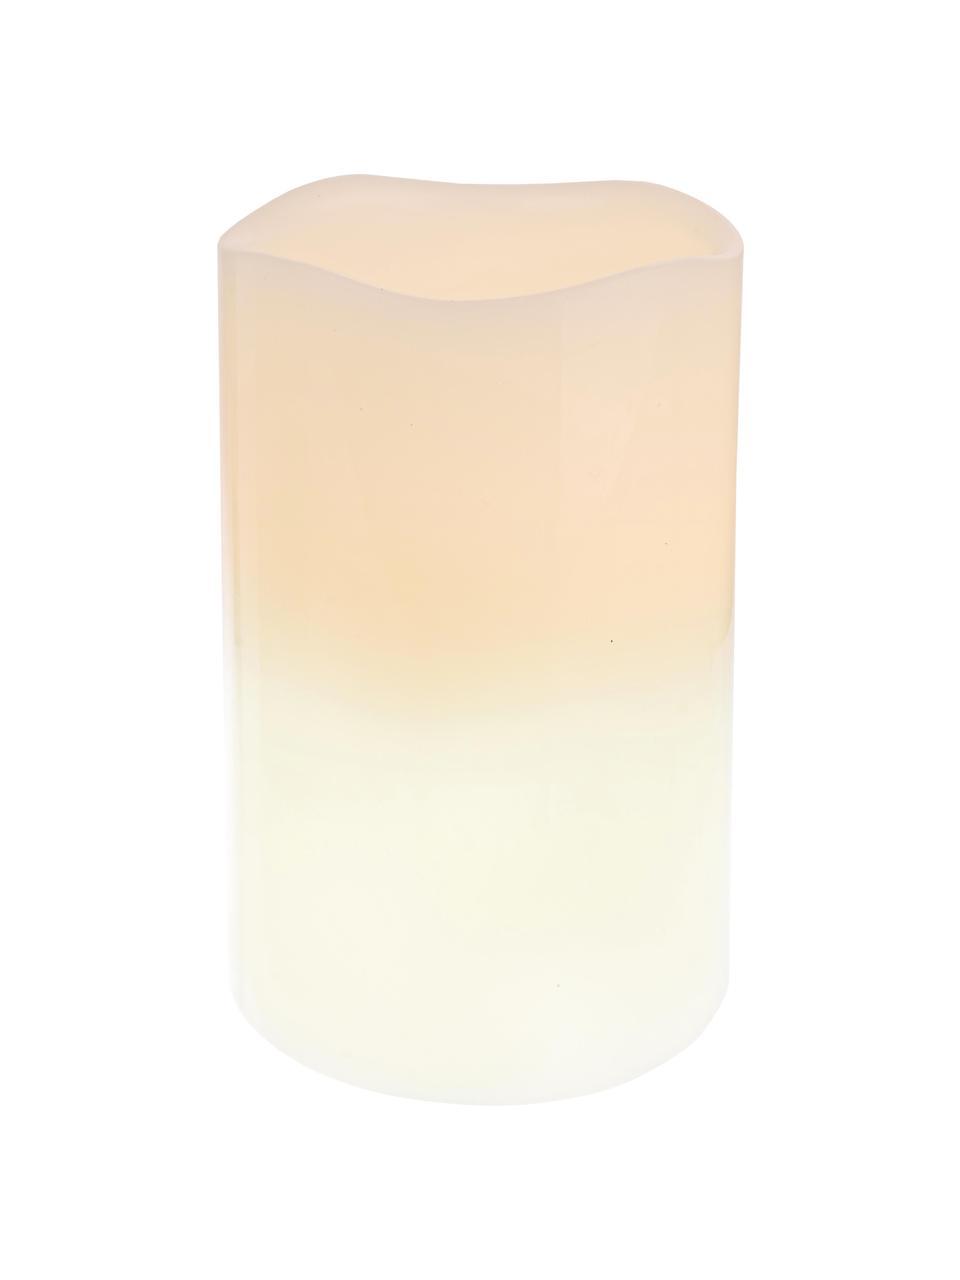 LED-Kerze Nadla, Außen: Paraffinwachs, Innen: Polypropylen, Beige, Weiß, Ø 8 x H 12 cm